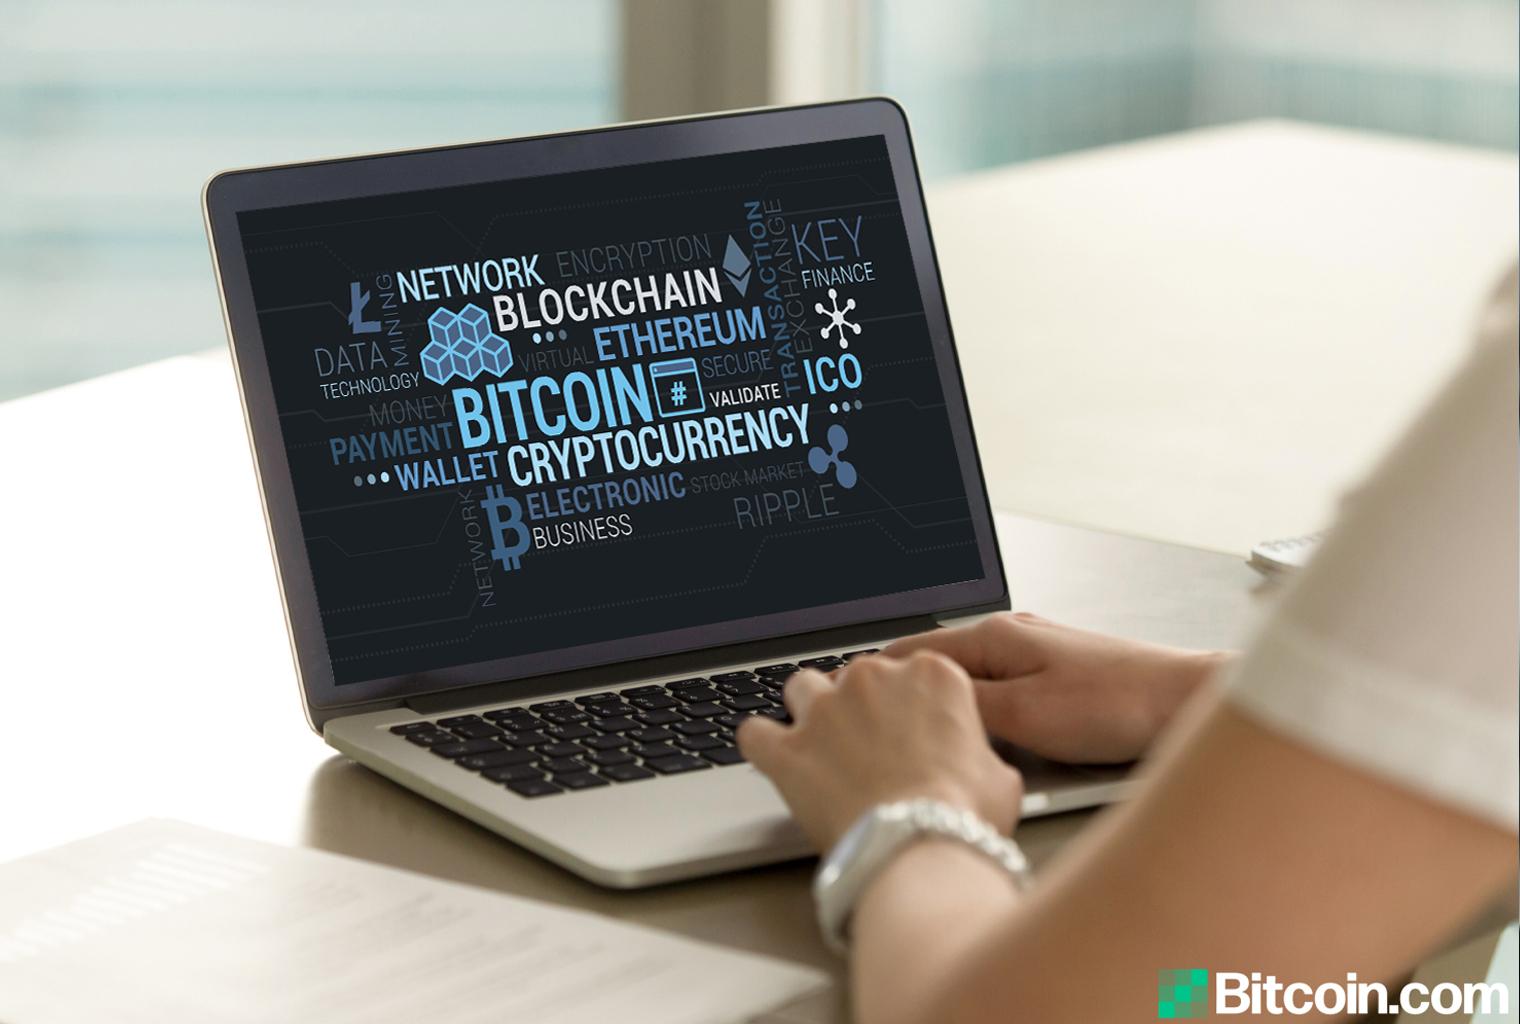 'Apa Yang Dilakukan Bitcoin' - Memindai Kata Kunci Cryptocurrency Terpopuler dan Pencarian Google